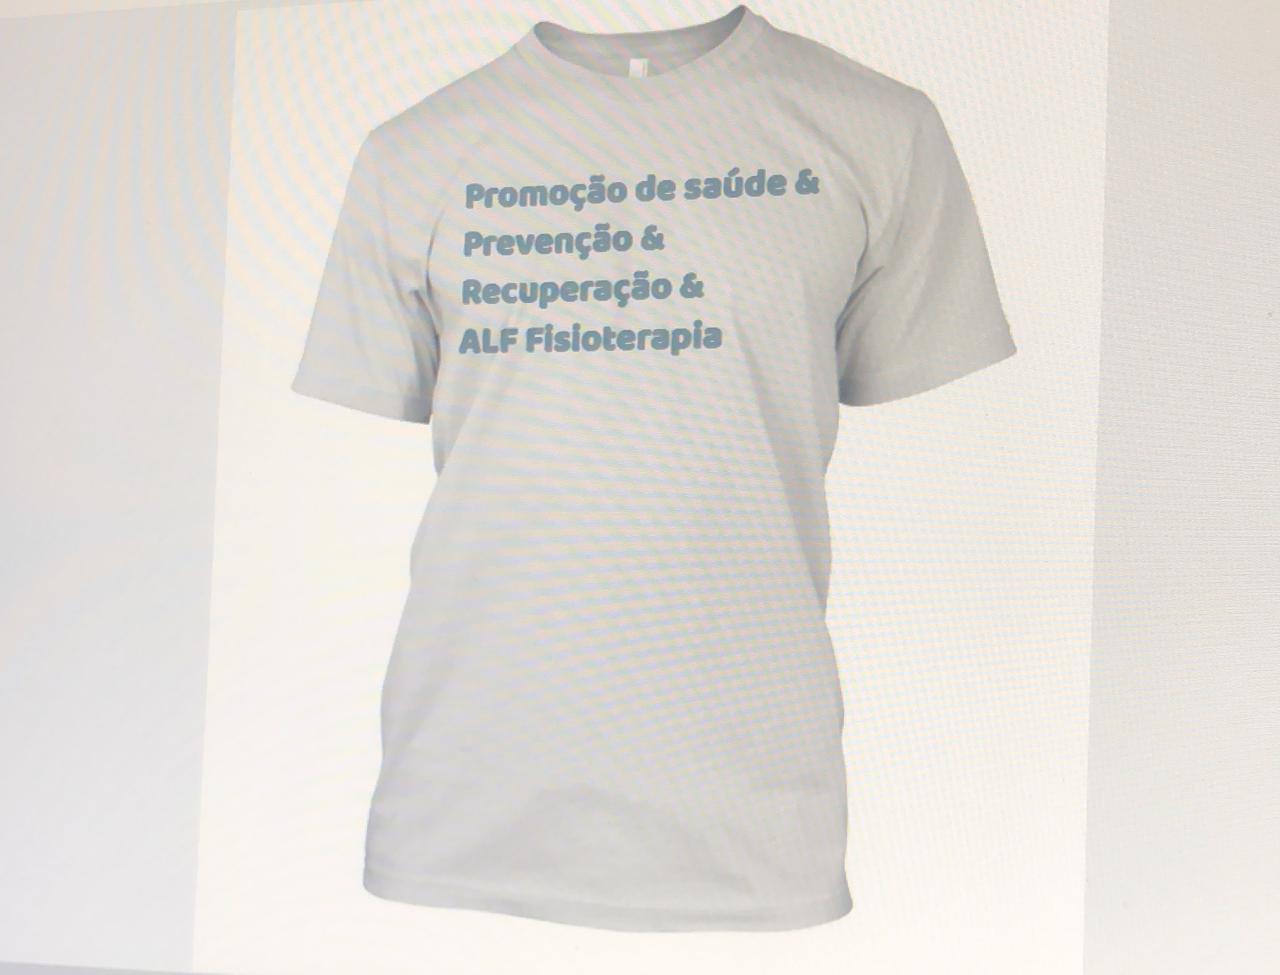 Camiseta saude prevenção fisioterapia ALF personalizada Poliéster